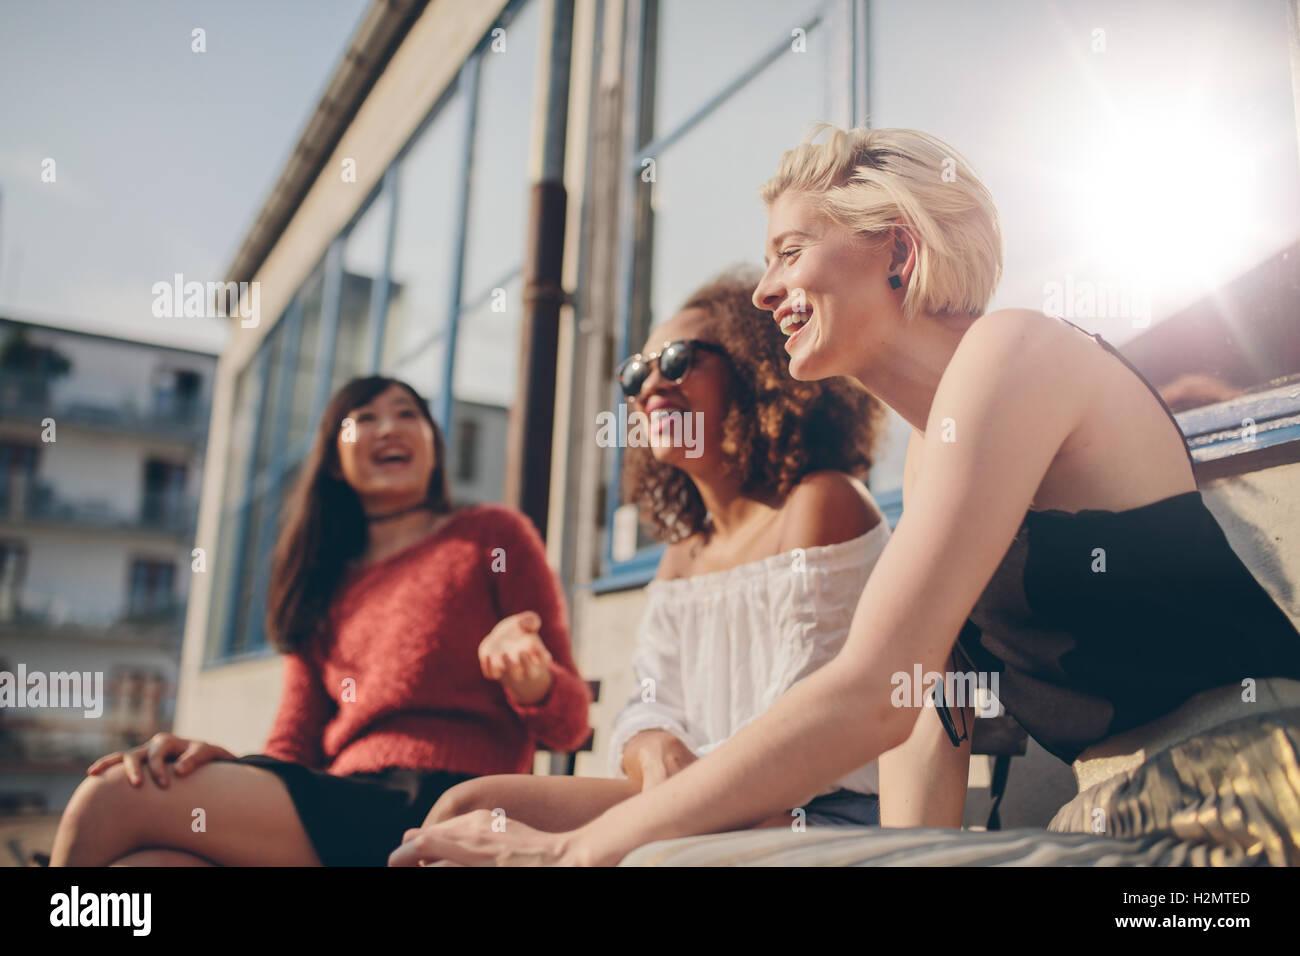 Il gruppo di amici di sesso femminile avente divertimento durante la seduta a outdoor cafe. Tre giovani donne seduti Immagini Stock